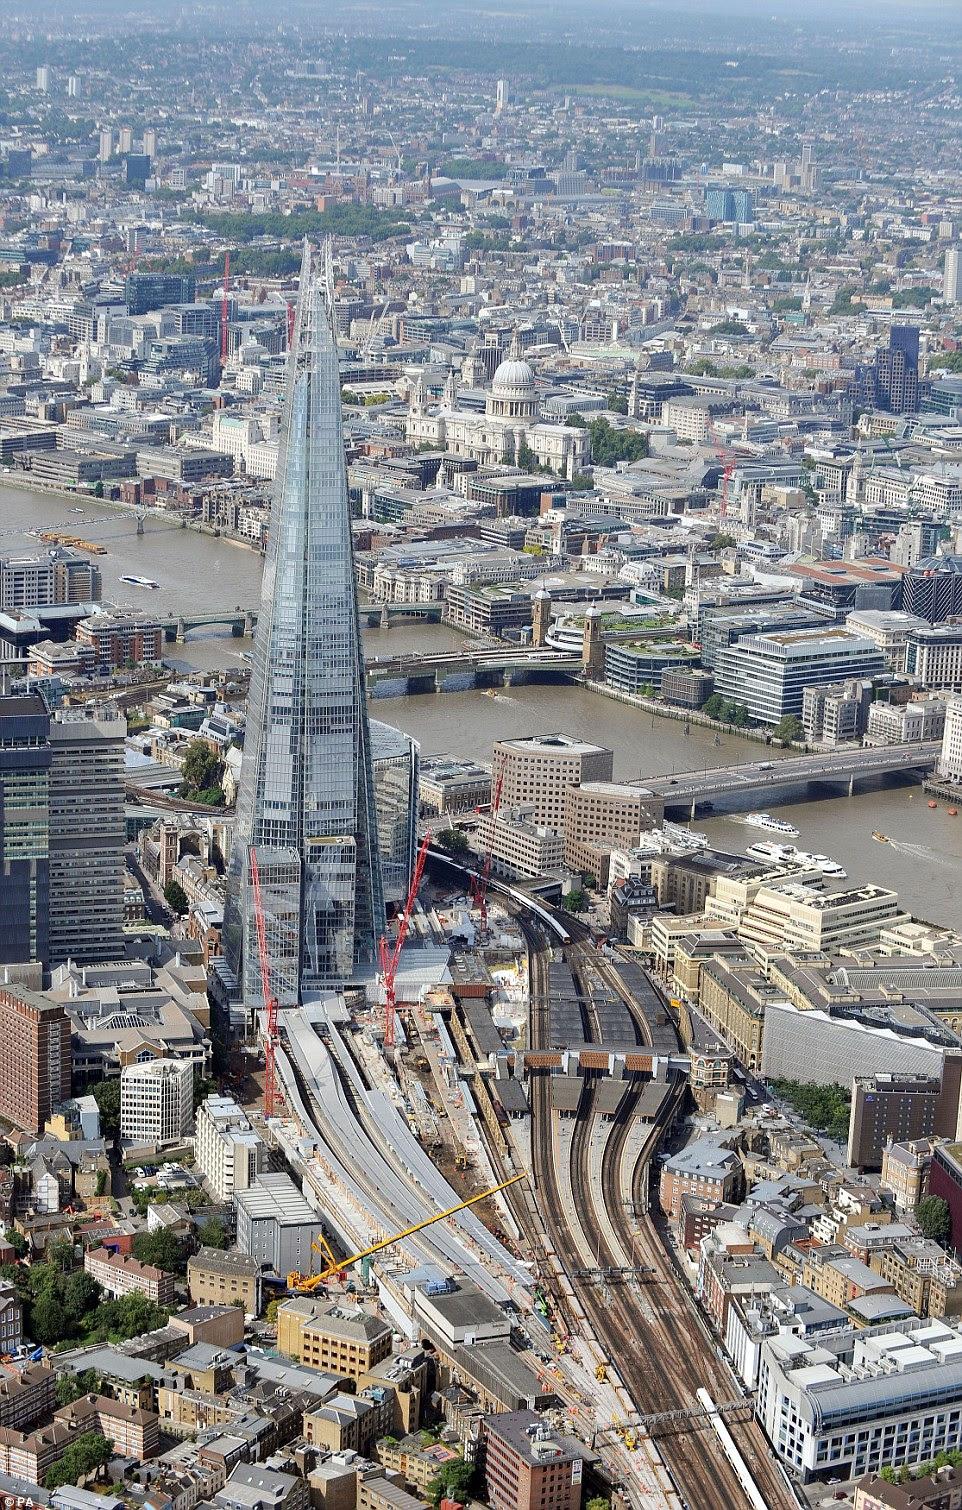 Εκφράζεται η ελπίδα ότι η Thameslink πρόγραμμα θα παρέχει στους επιβάτες πιο άνετα τρένα τρέχουν μέσα από το κεντρικό Λονδίνο κάθε δύο με τρία λεπτά